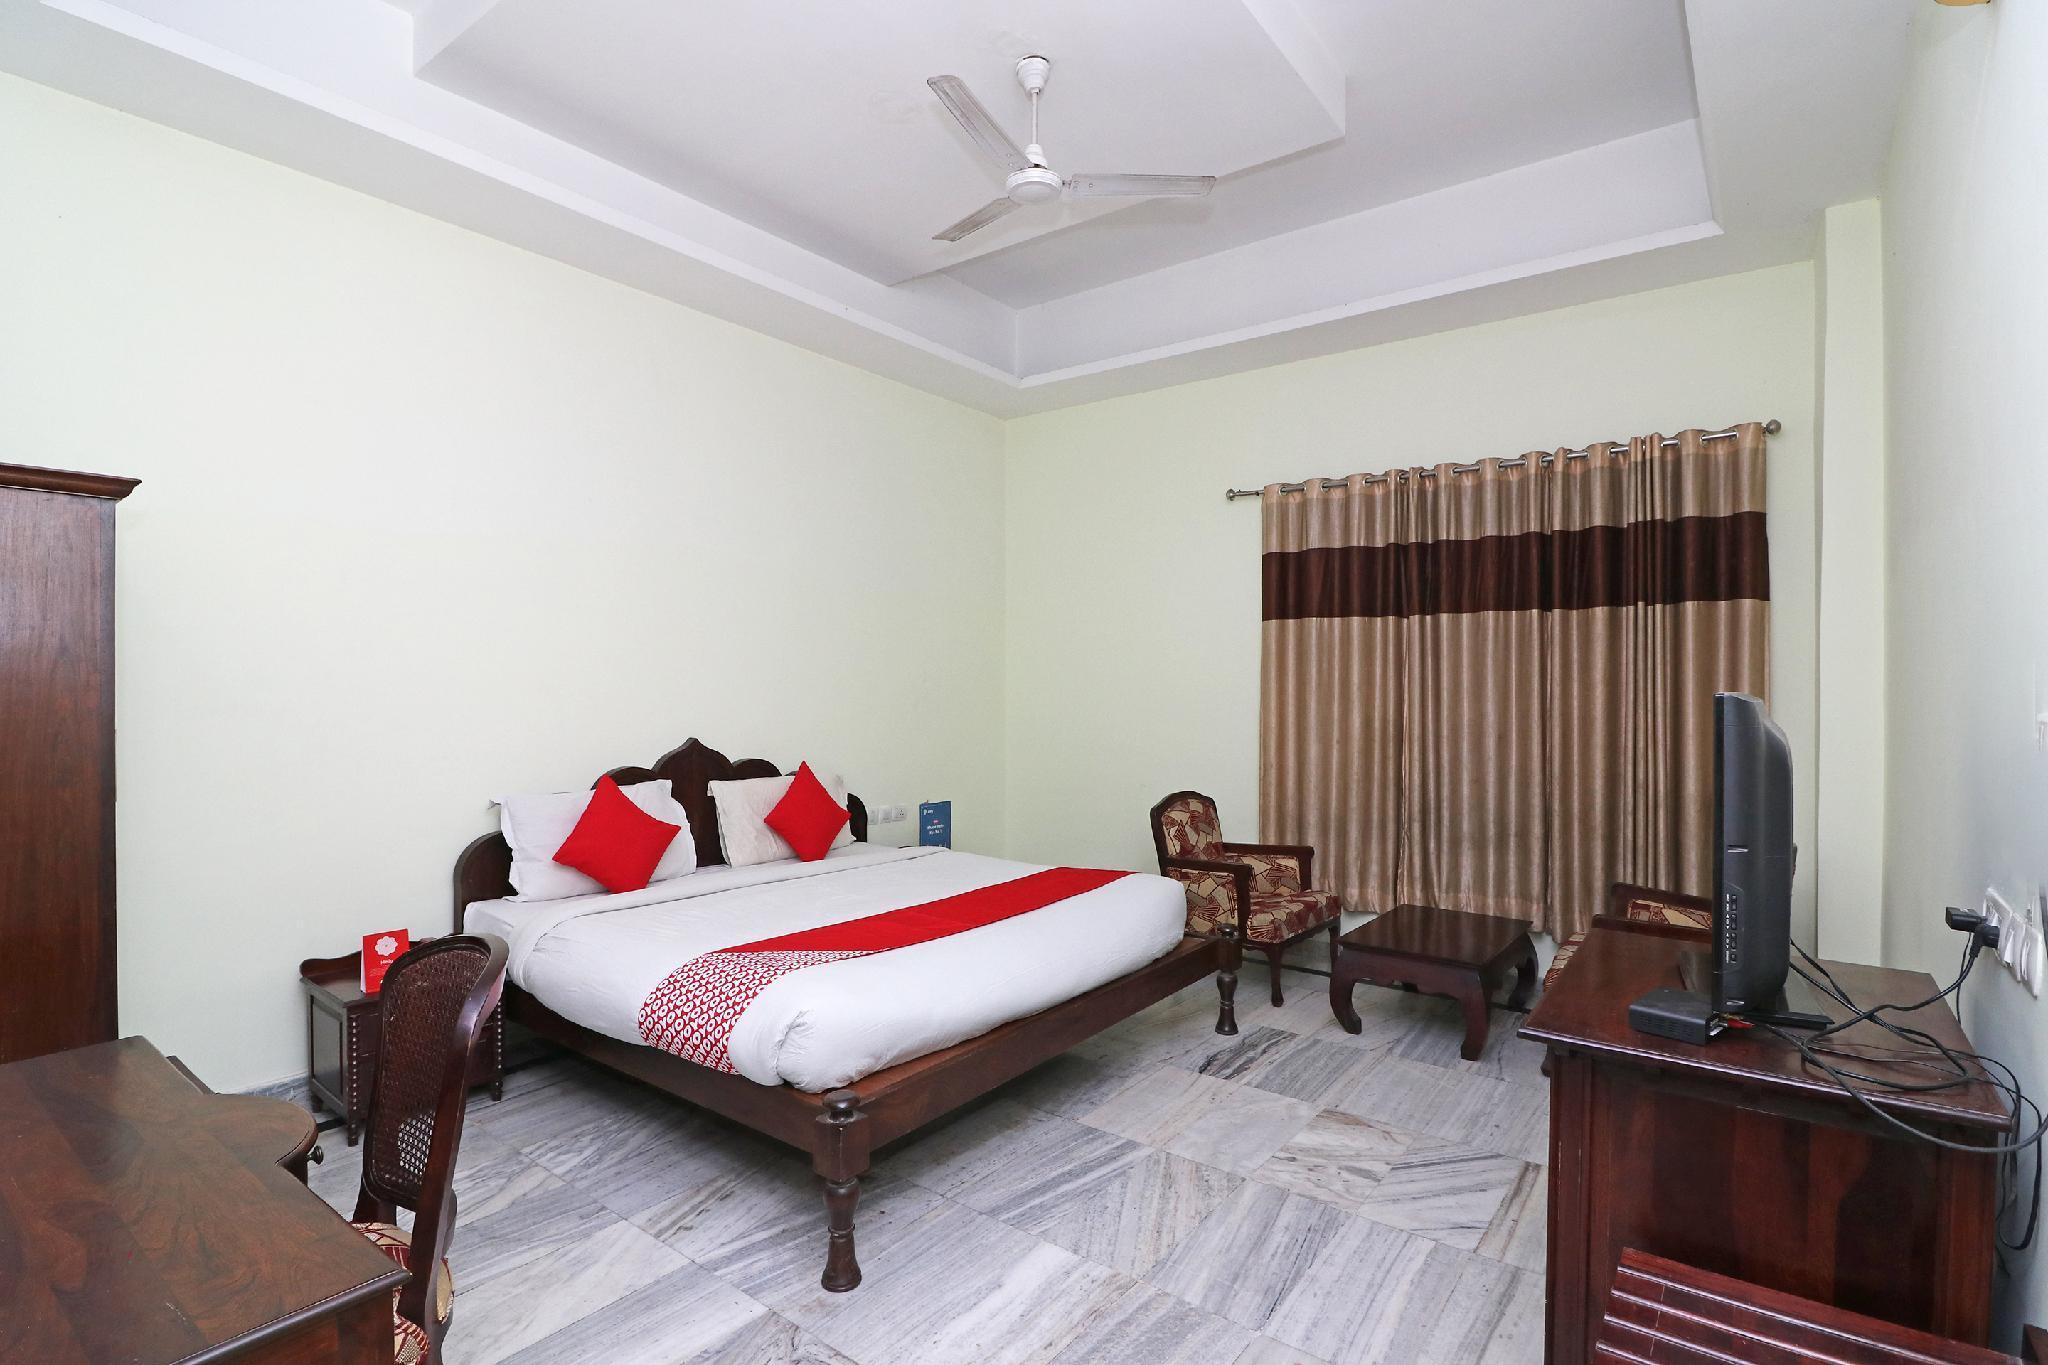 Capital O 5342 Motel Gajraj Continental  A Unit Of Gajraj Hotels Pvt Ltd